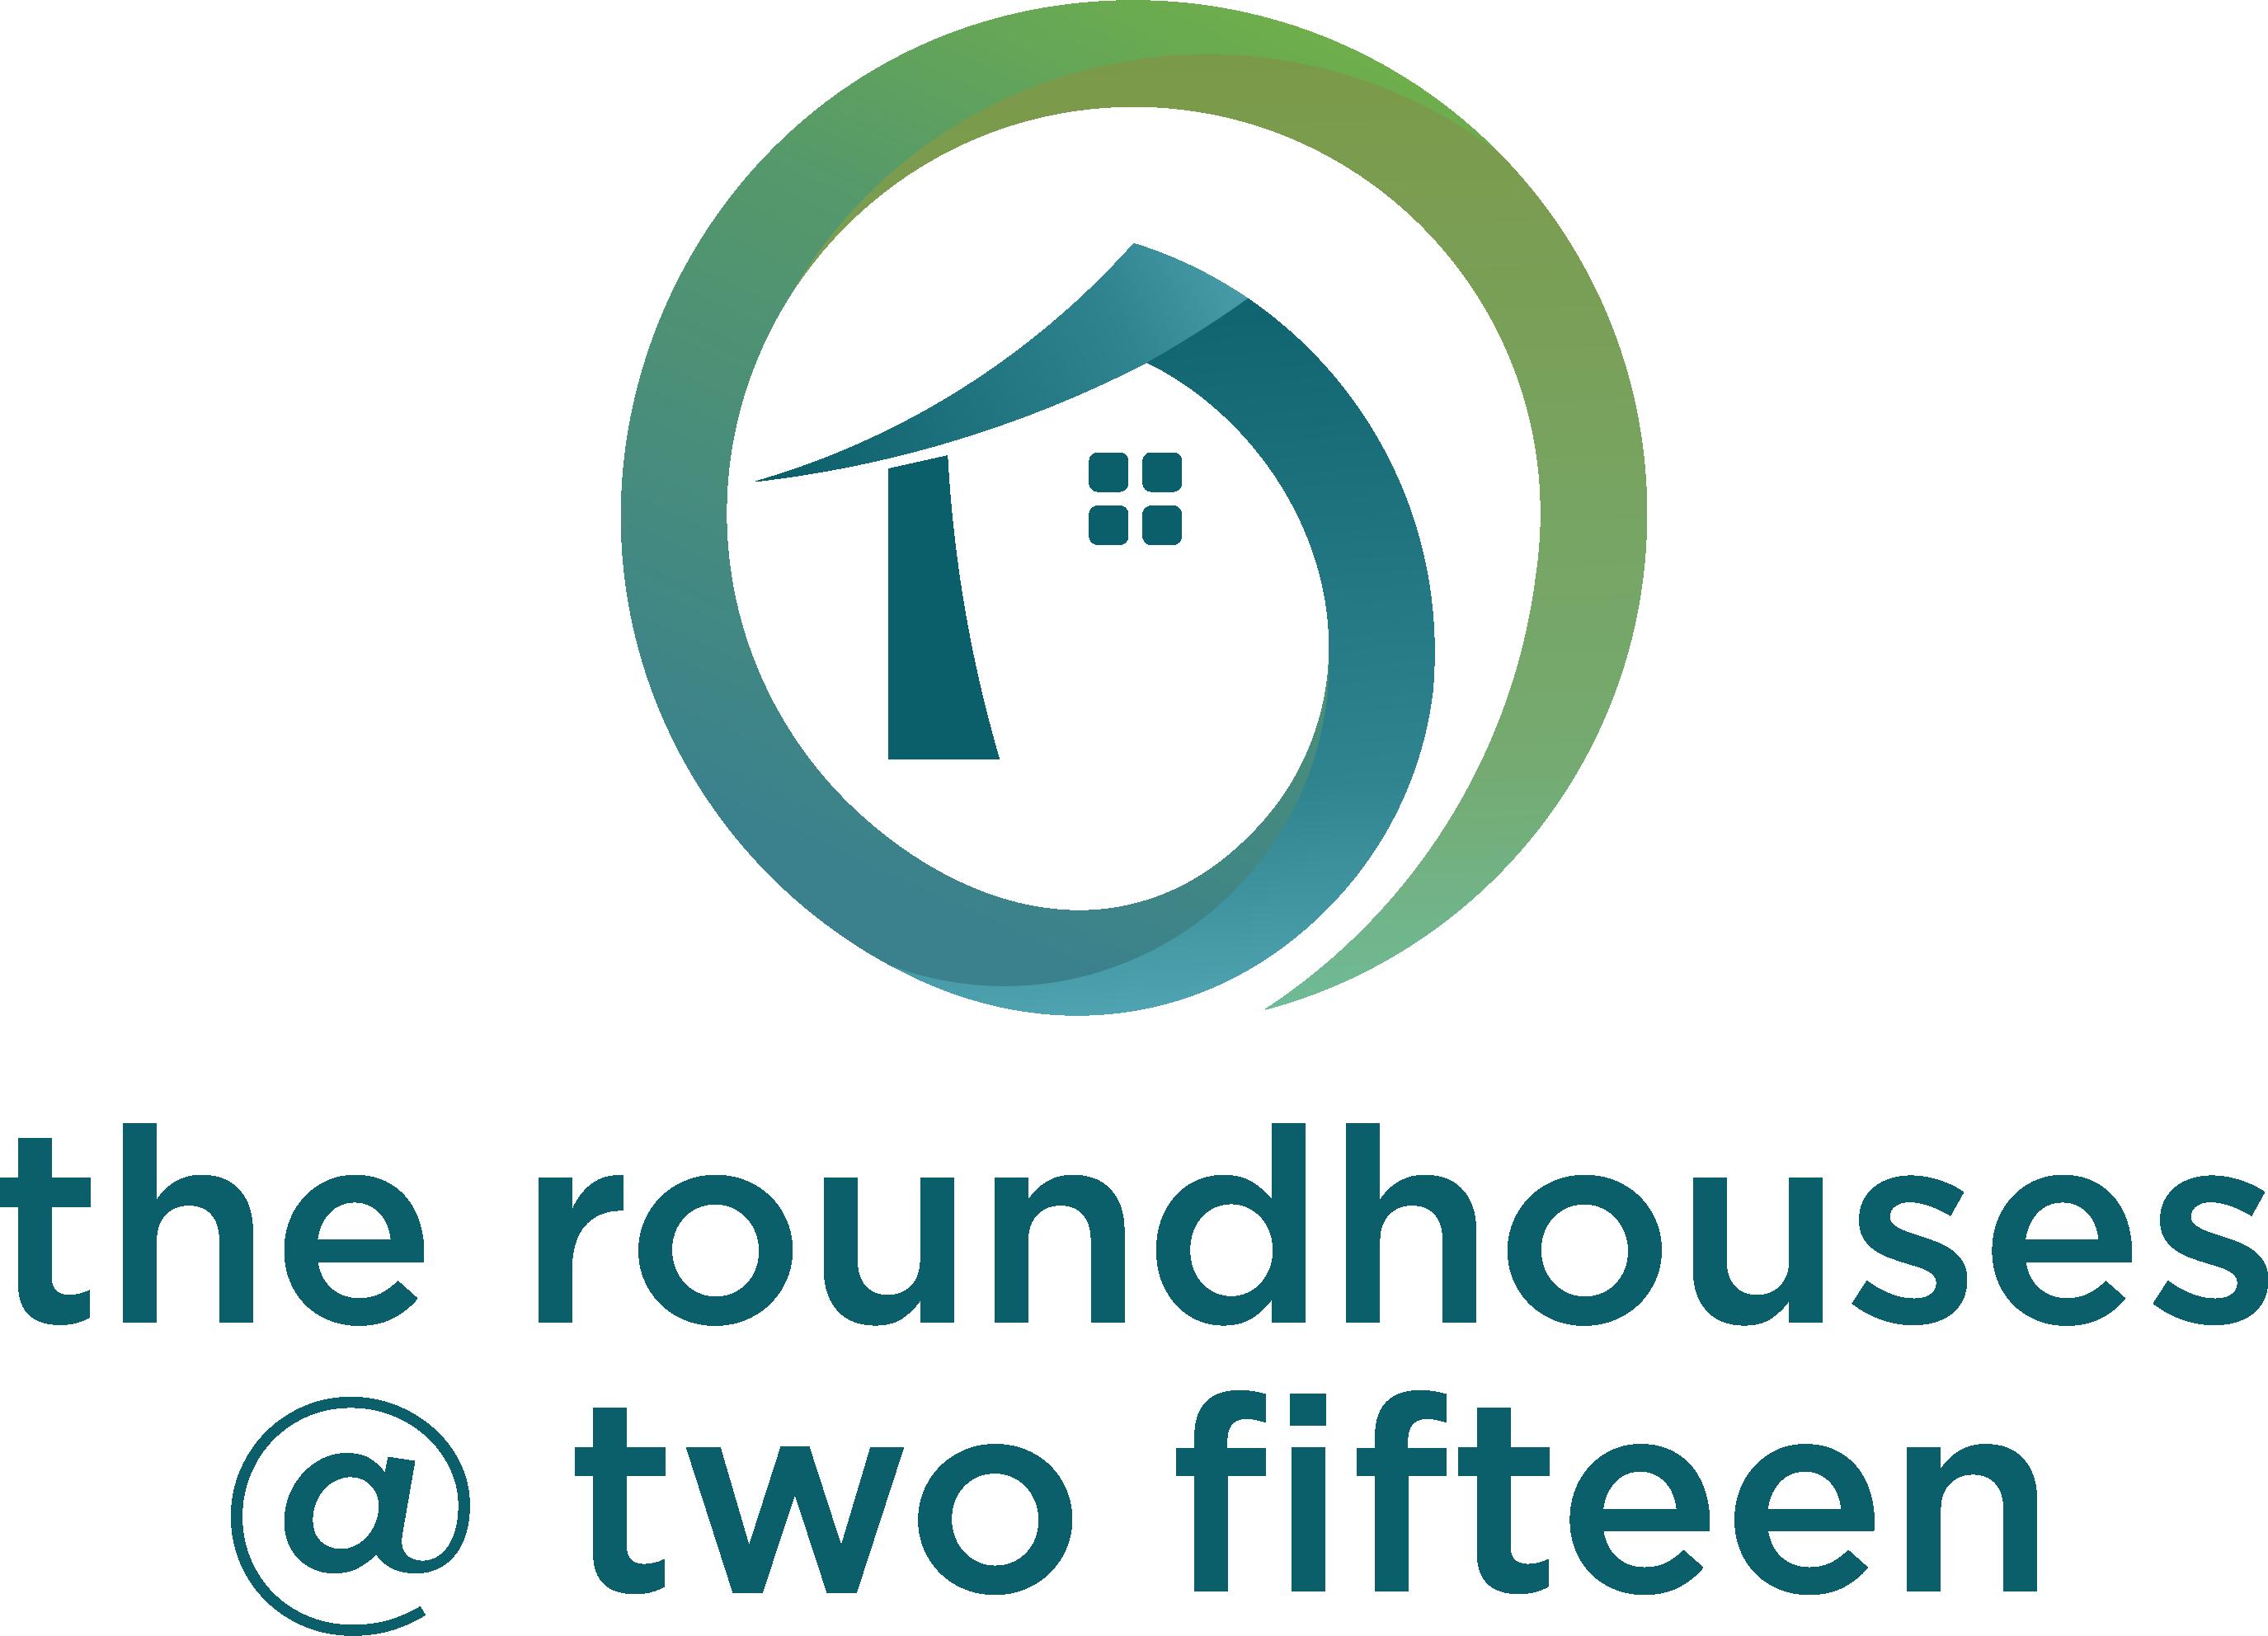 Roundhouses: unique tourism accomodation needs unique idea!